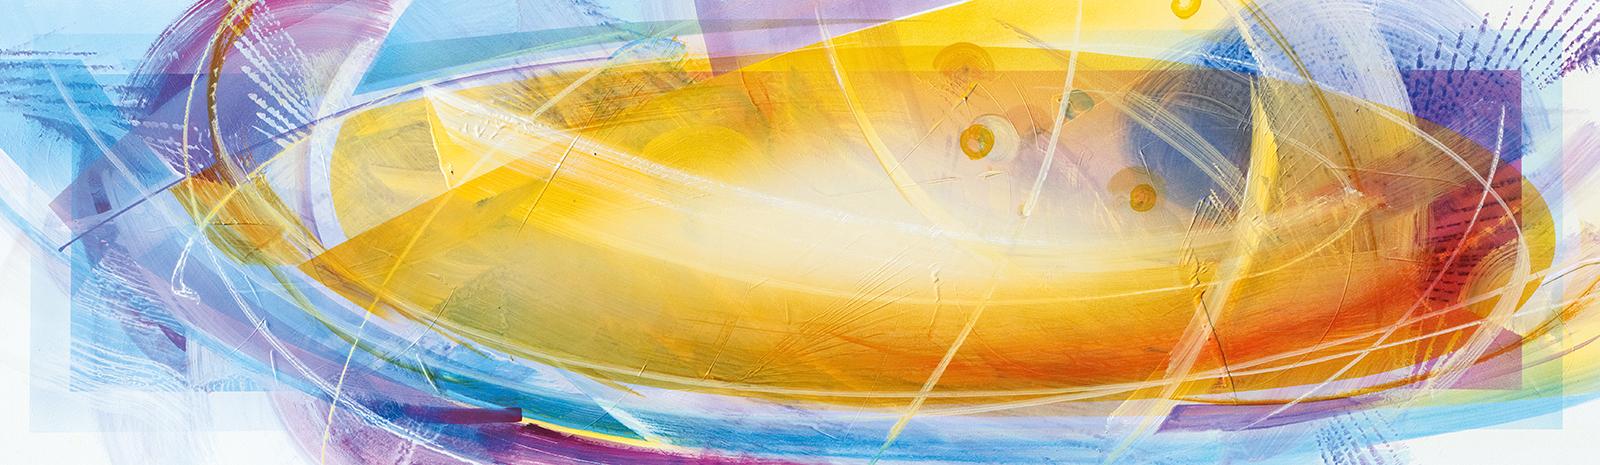 06_Panorama_2012_2000x800